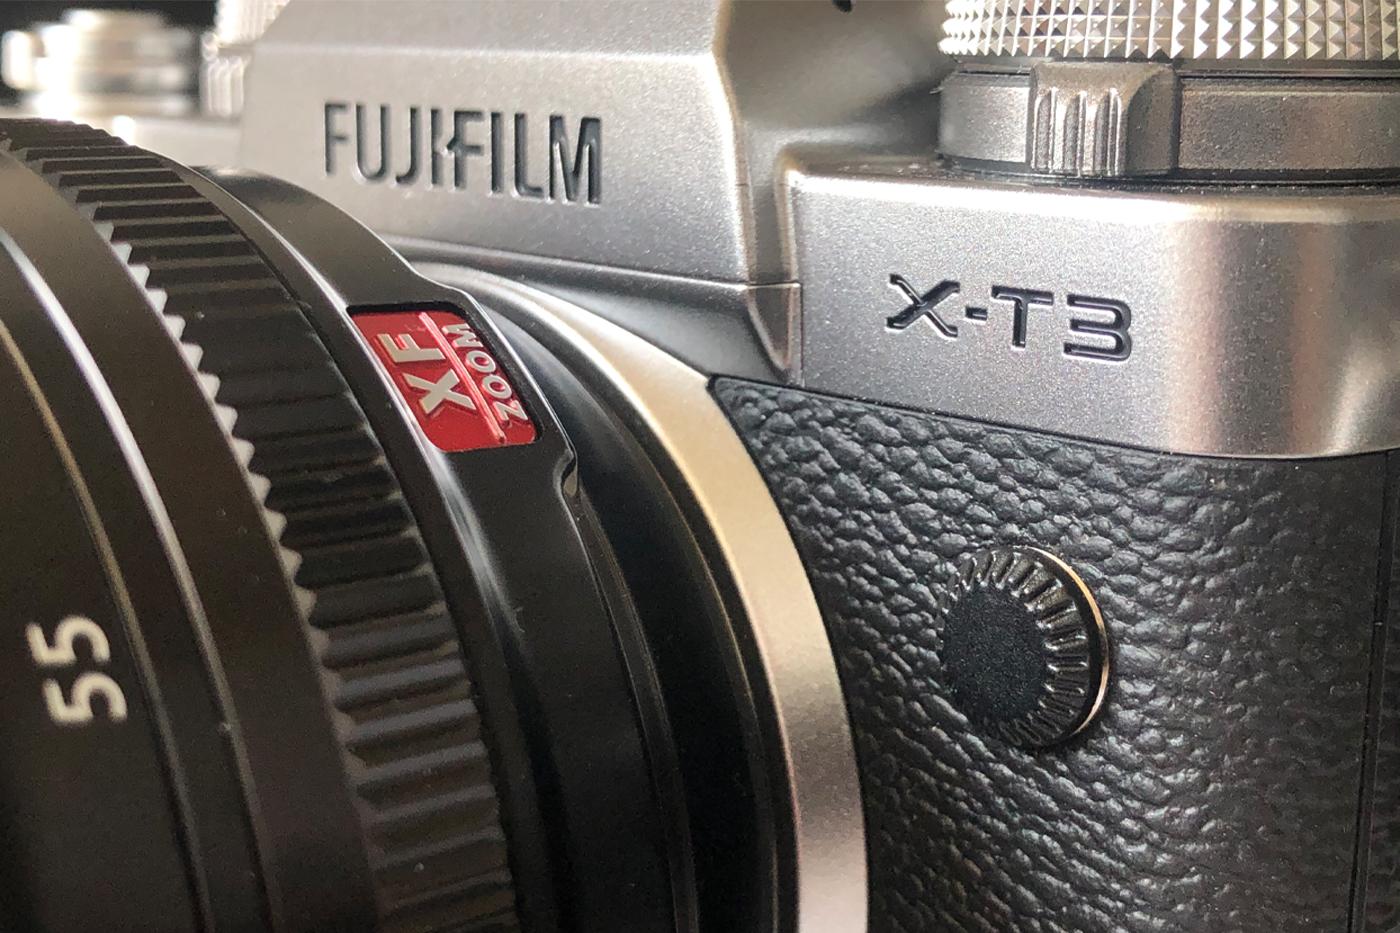 Fujifilm X-T3 Silver